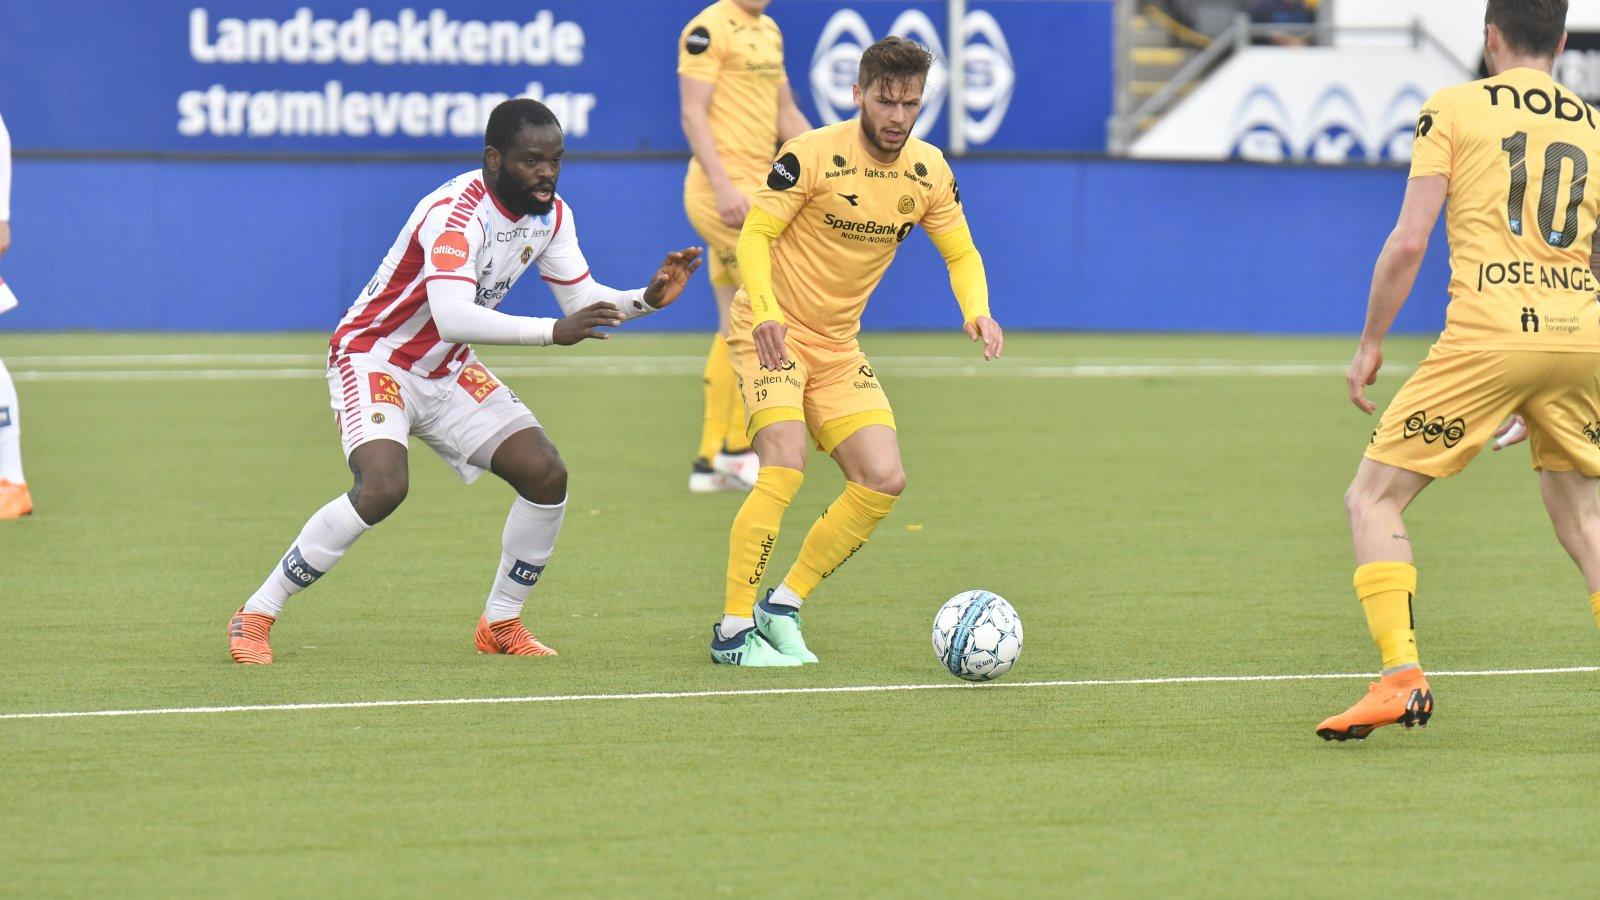 Bodø/Glimt mot TIL på Aspmyra i 2018. Kamp mot Tromsø.